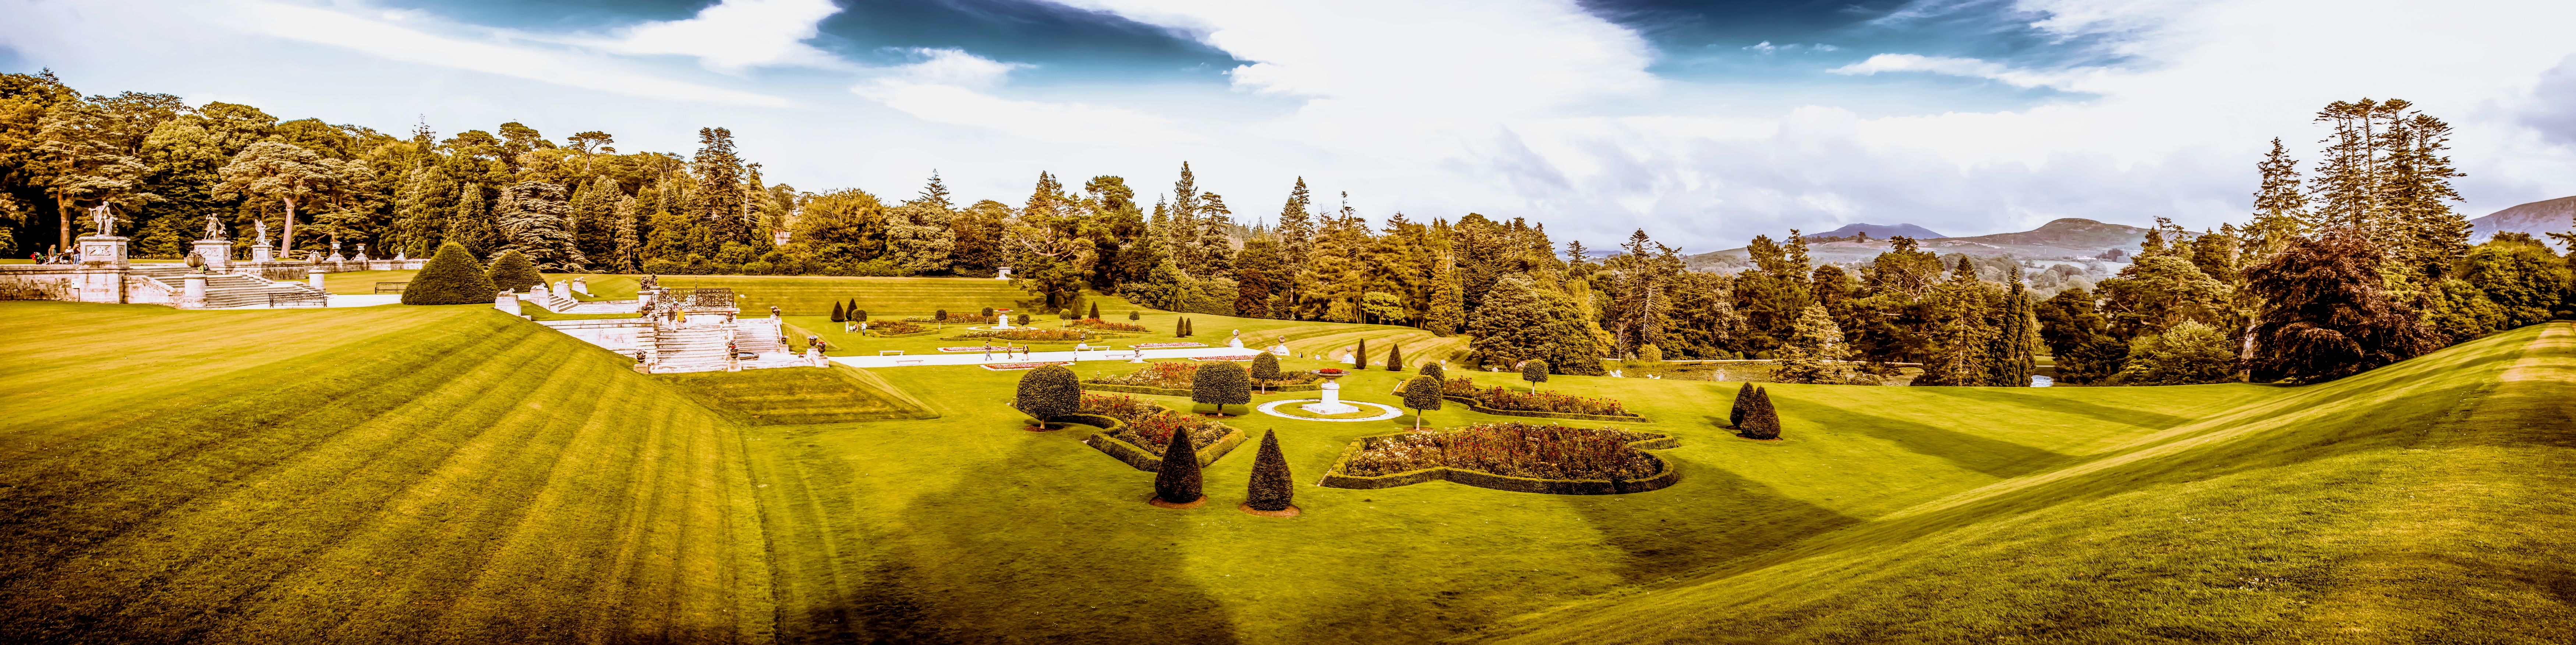 Ireland Landscape Acceda a nuestro blog encuentre mucha ...